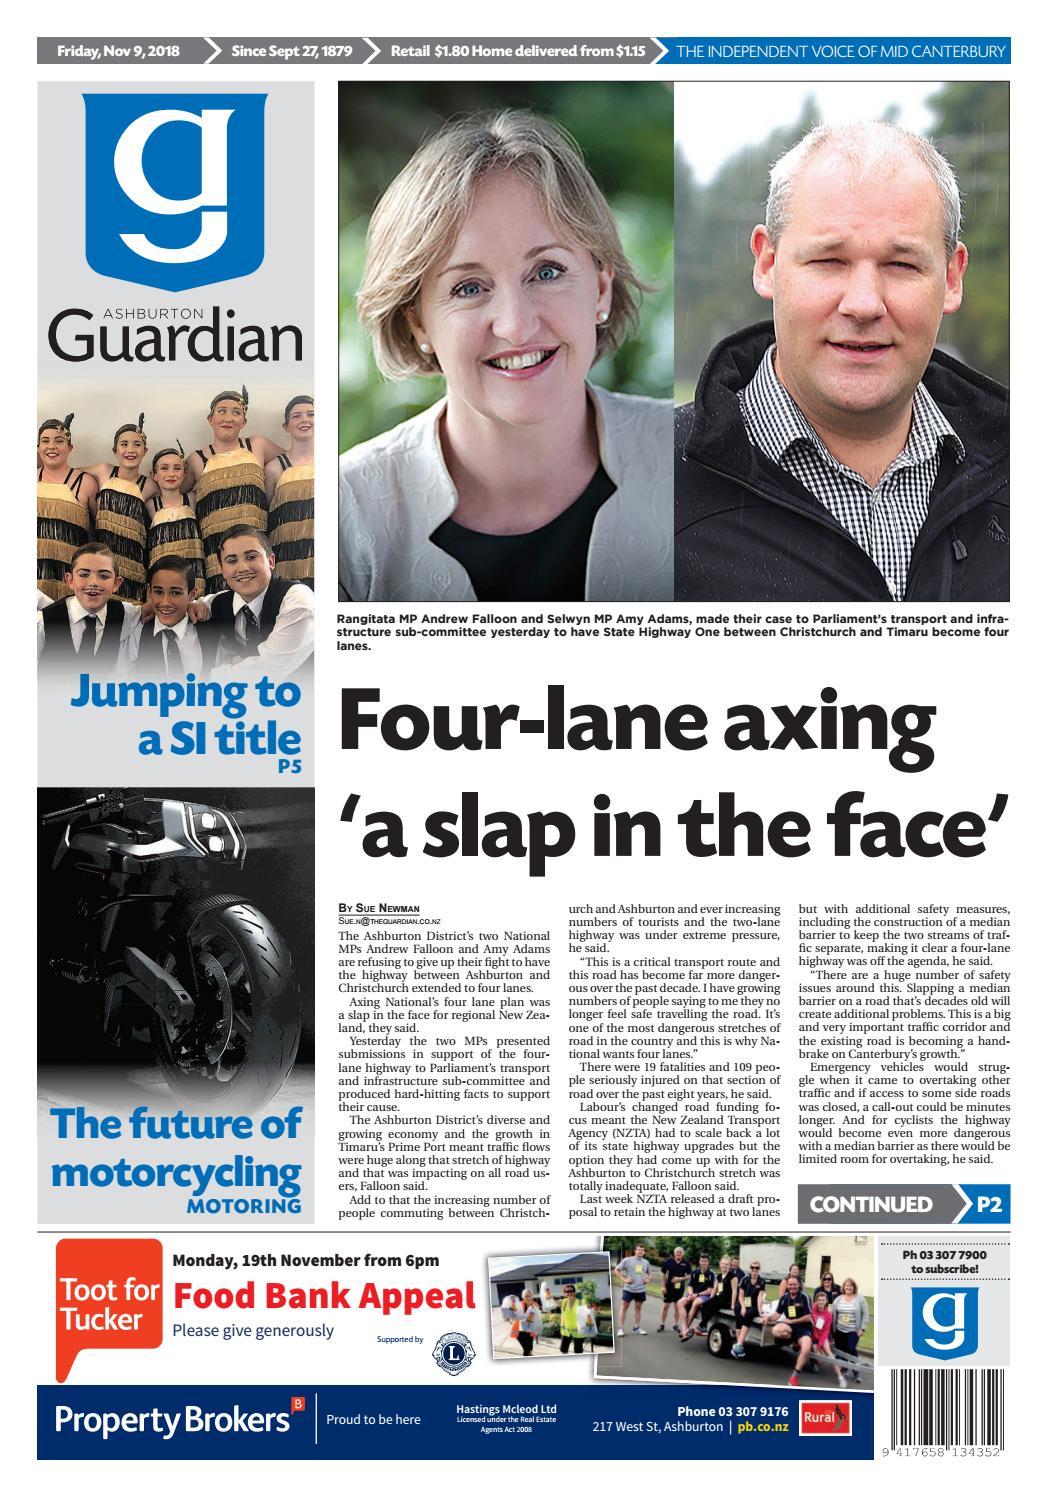 Ashburton Guardian, Friday, November 9, ...